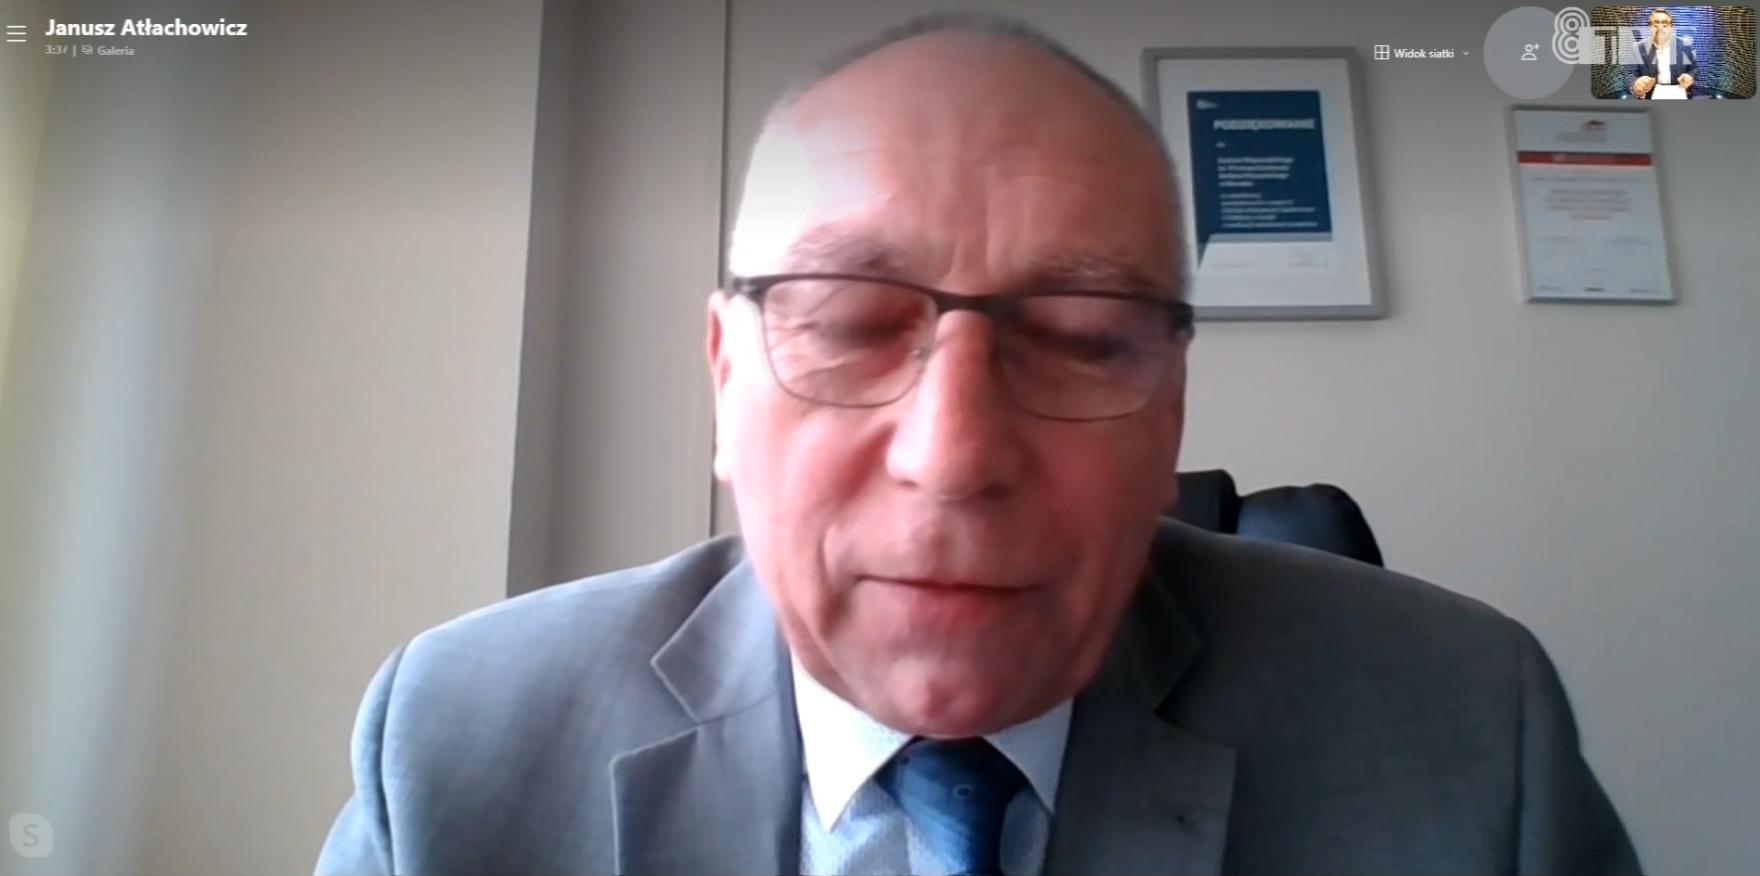 Dyrektor Janusz Atłachowicz o sytuacji w sieradzkim szpitalu